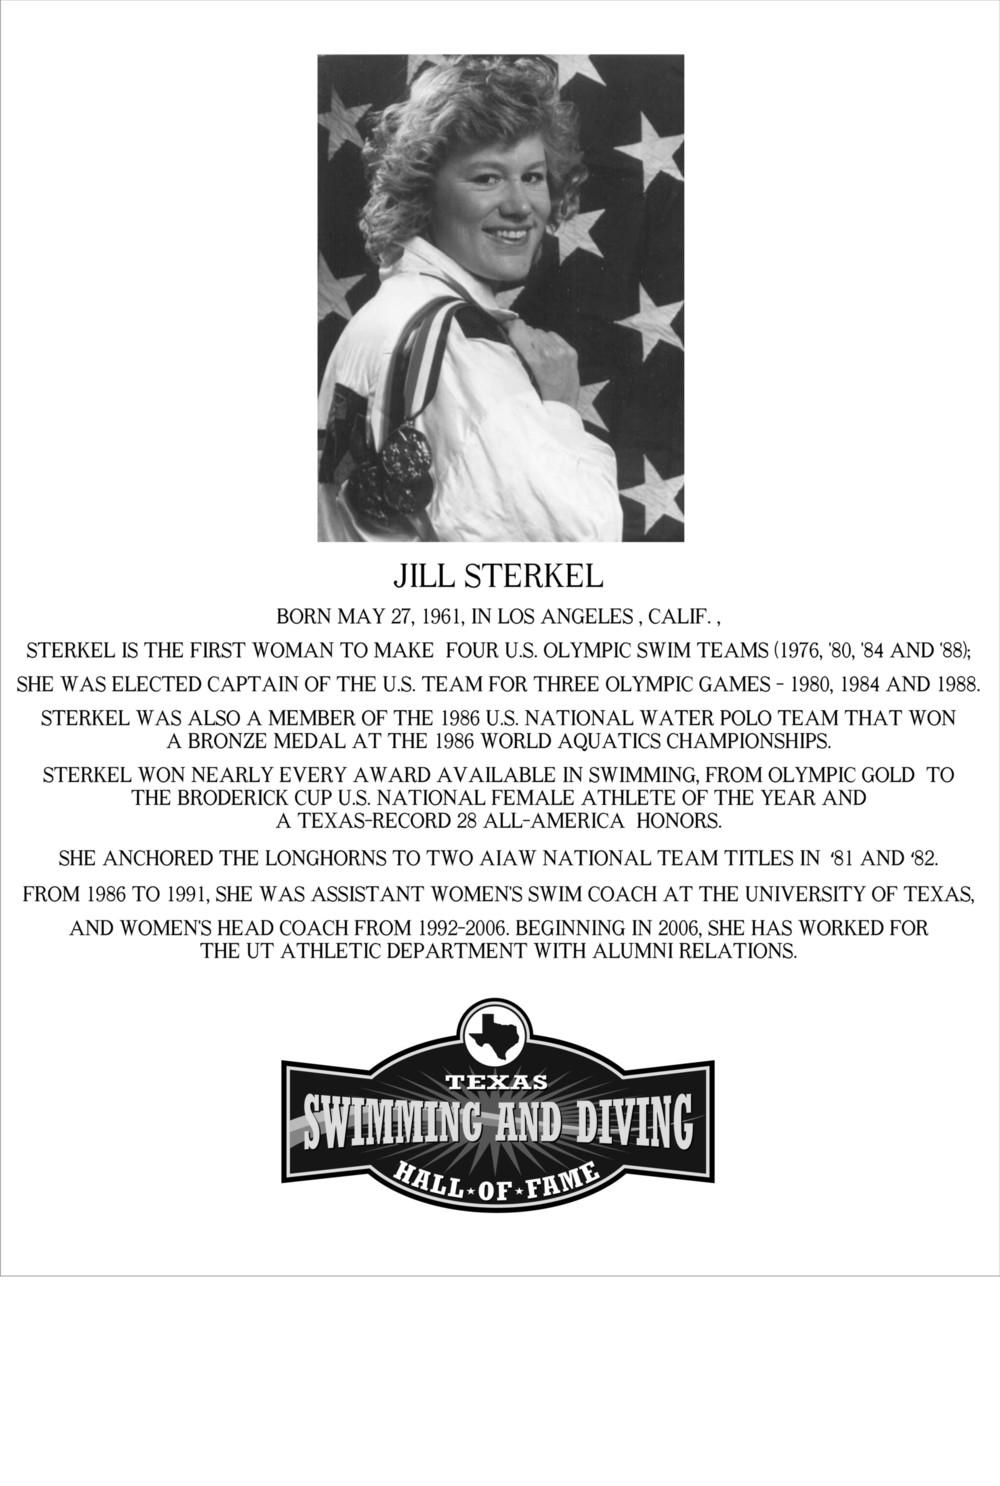 Jill Sterkel.jpg